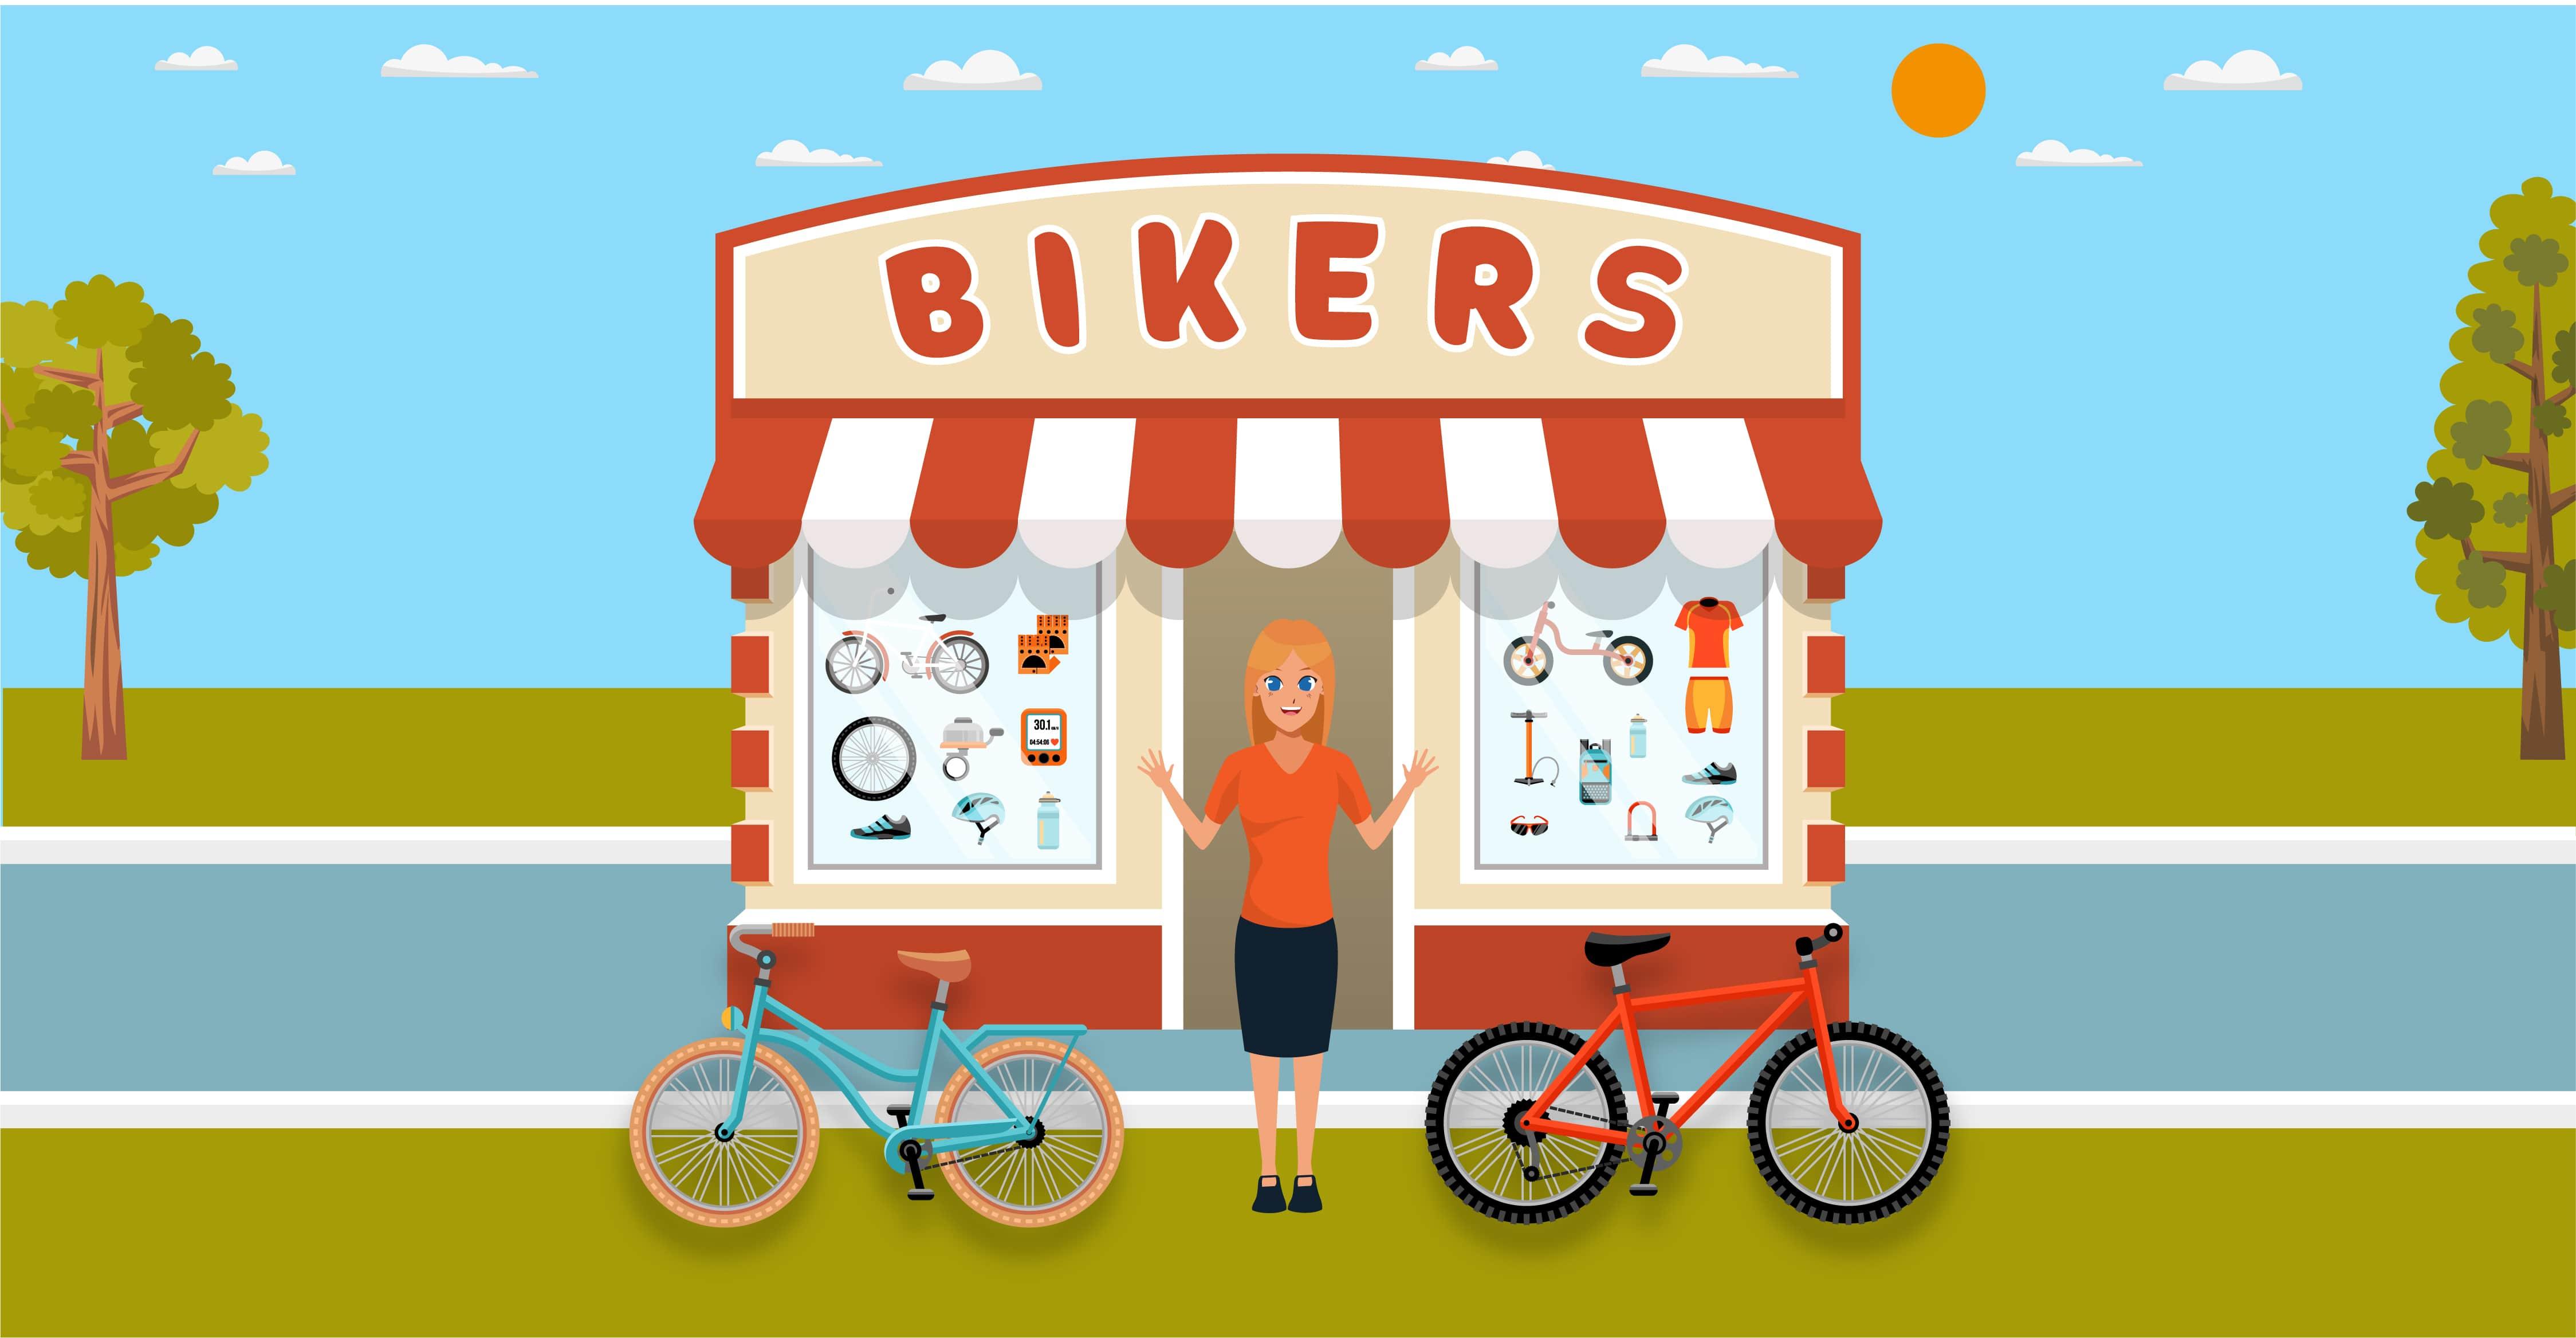 negocio bikers perfil de mi cliente ideal como definir mi cliente ideal cliente ideal marketing el cliente ideal el cliente ideal